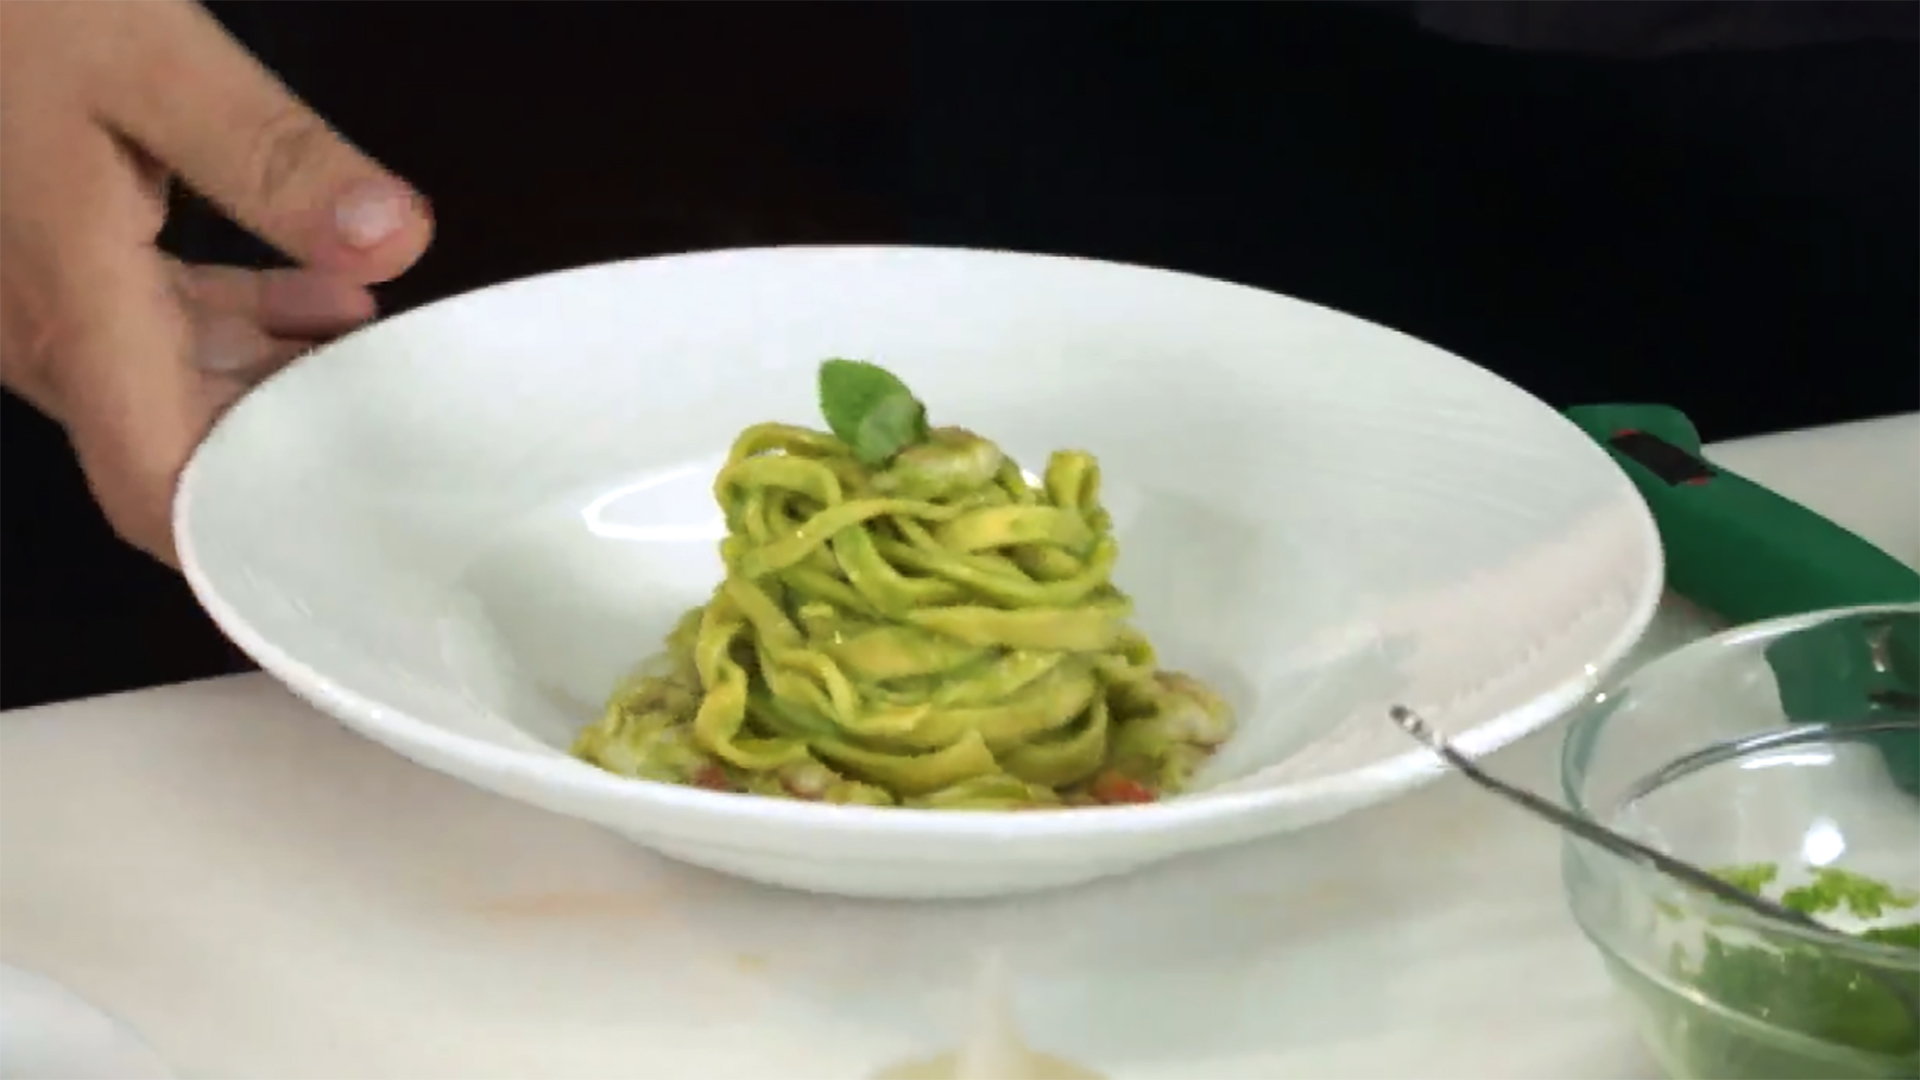 Cucine da incubo italia le ricette di chef cannavacciuolo tagliatelle gamberi e zucchine dplay - Ricette cucine da incubo ...